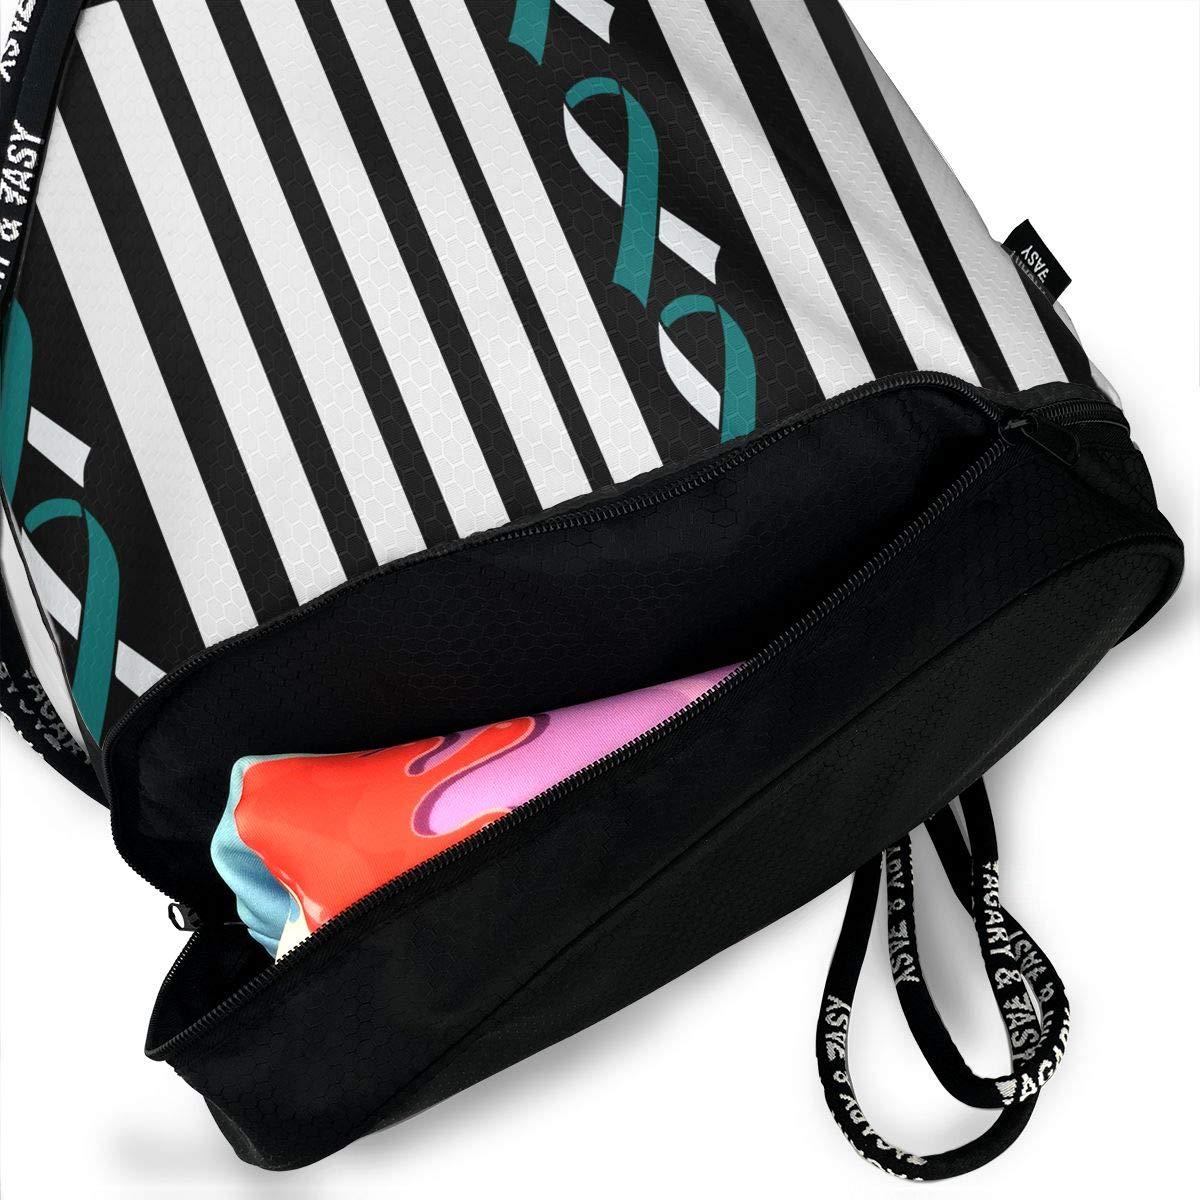 Ribbon Flag Cervical Cancer Awareness Drawstring Bag Multifunctional String Backpack Custom Cinch Backpack Rucksack Gym Bag